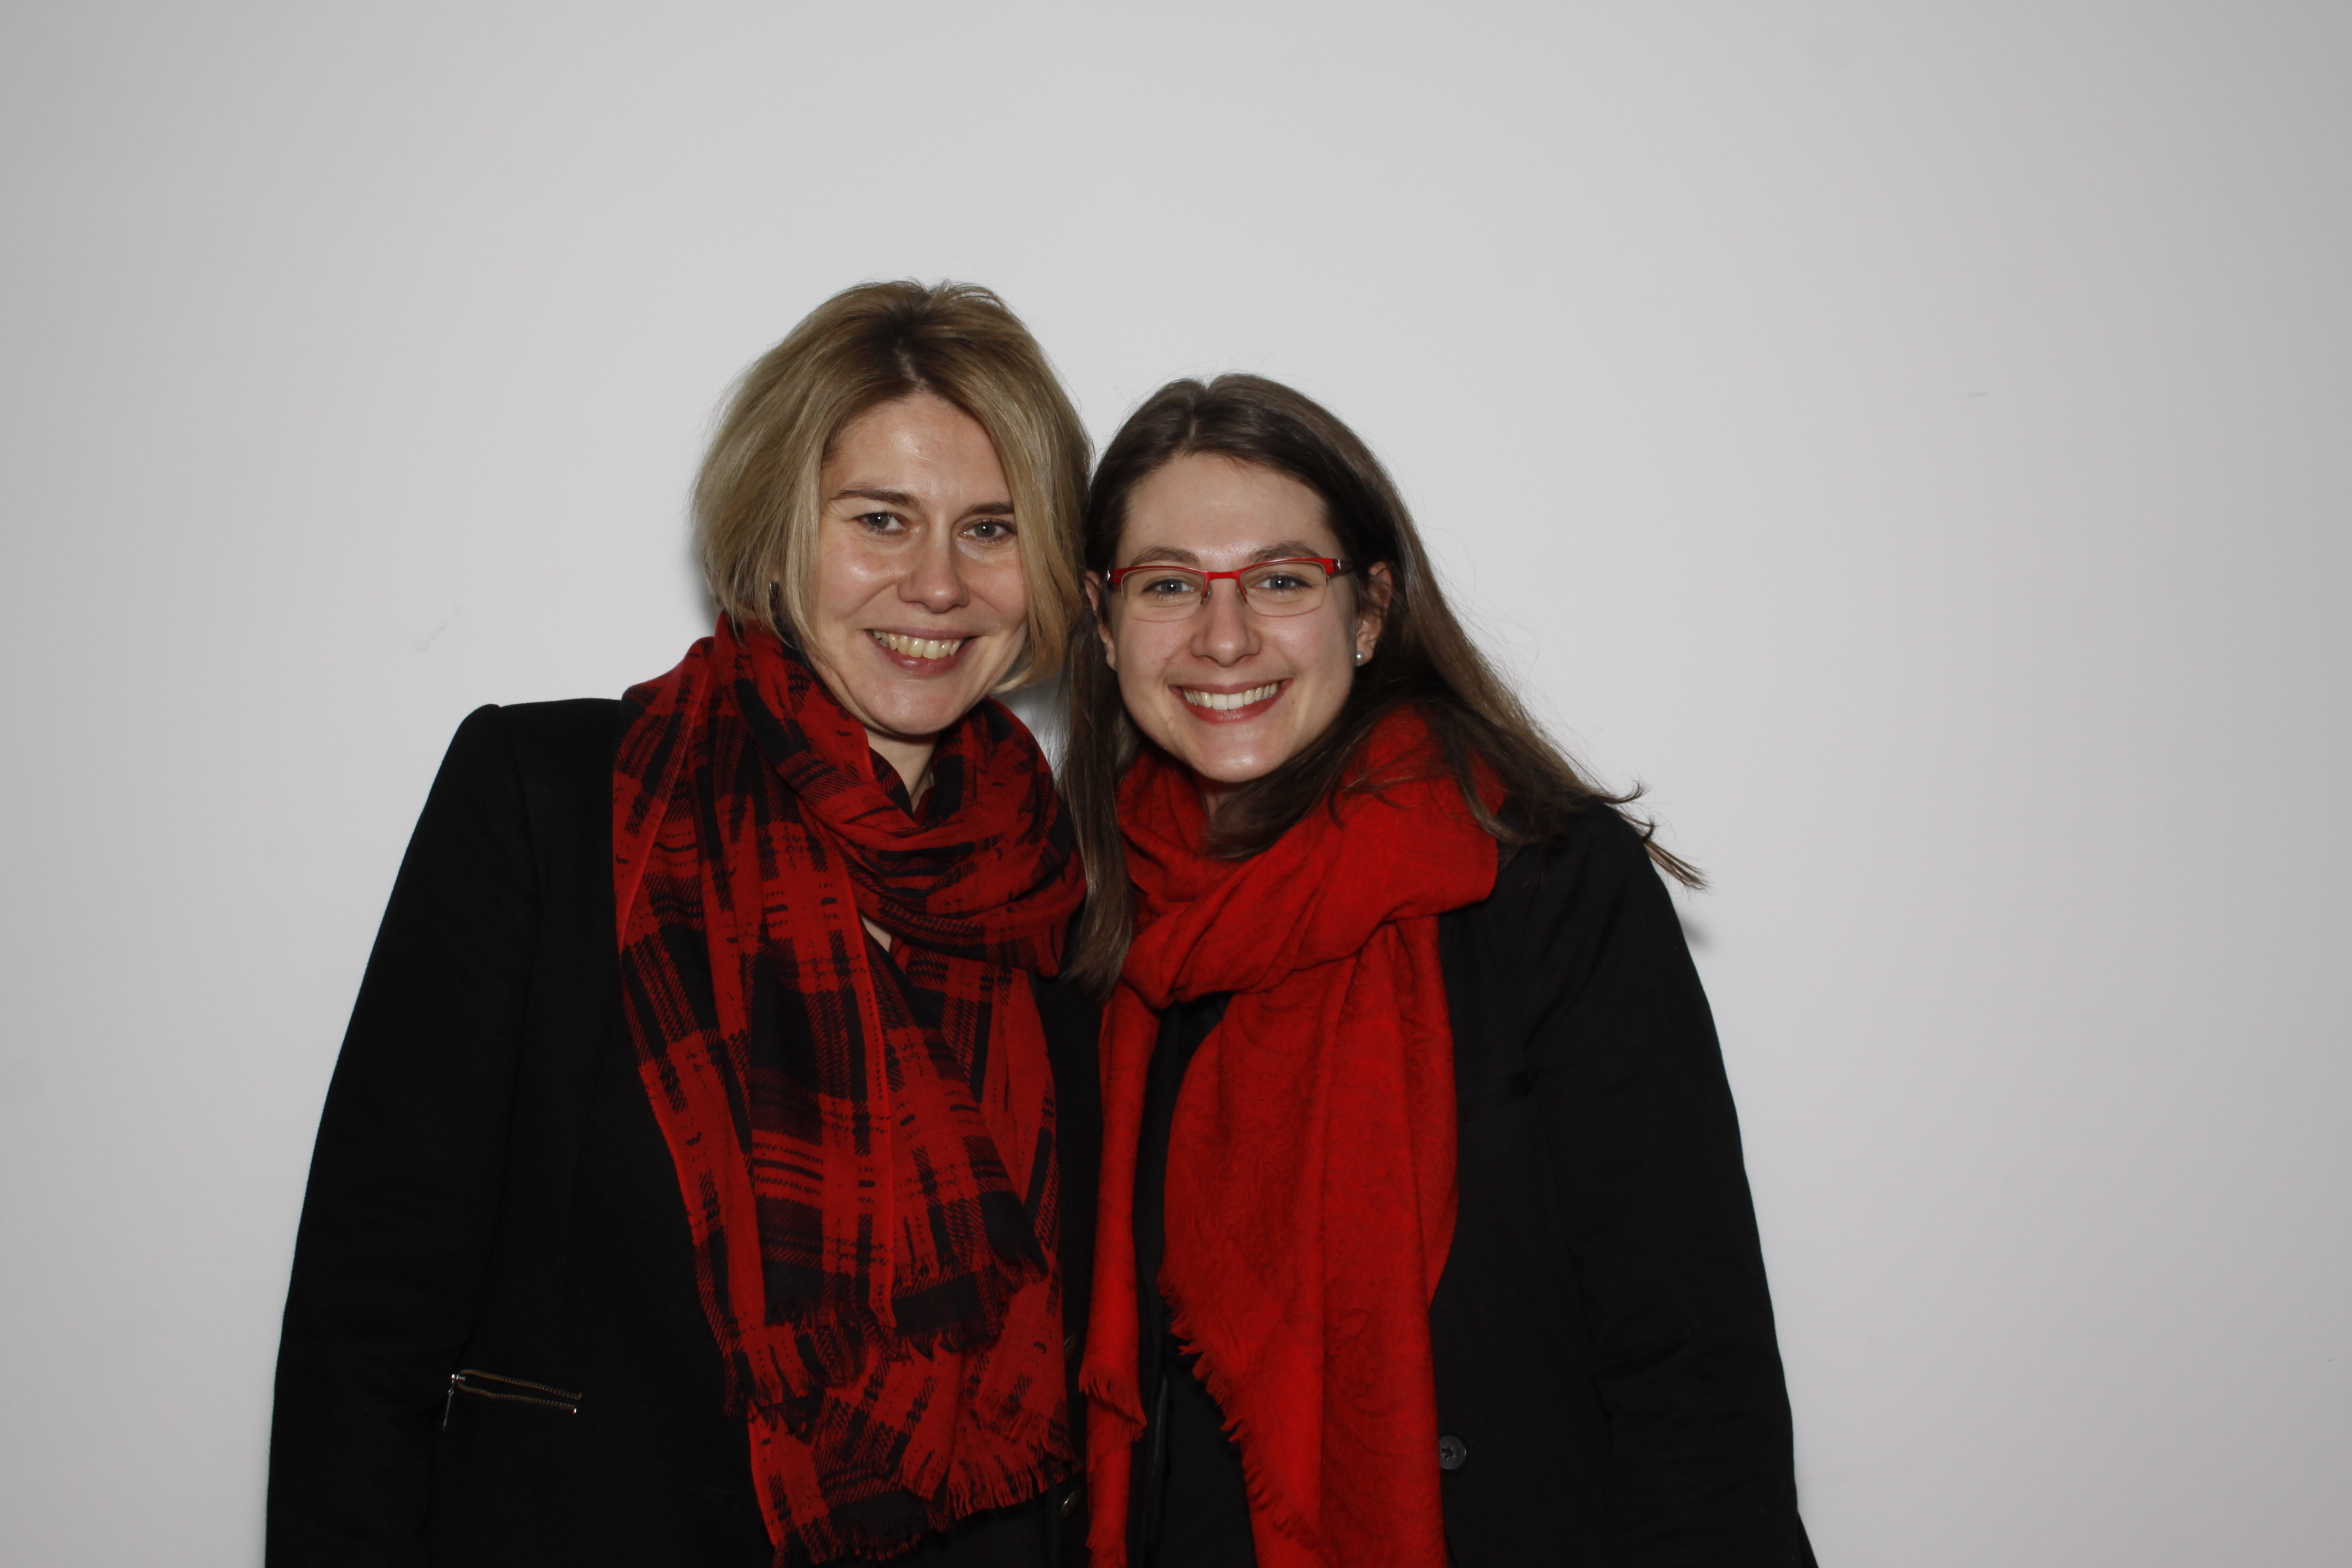 Soirée de lancement RARENET Crédits photos : Heidy Bloch et PhotoCLick